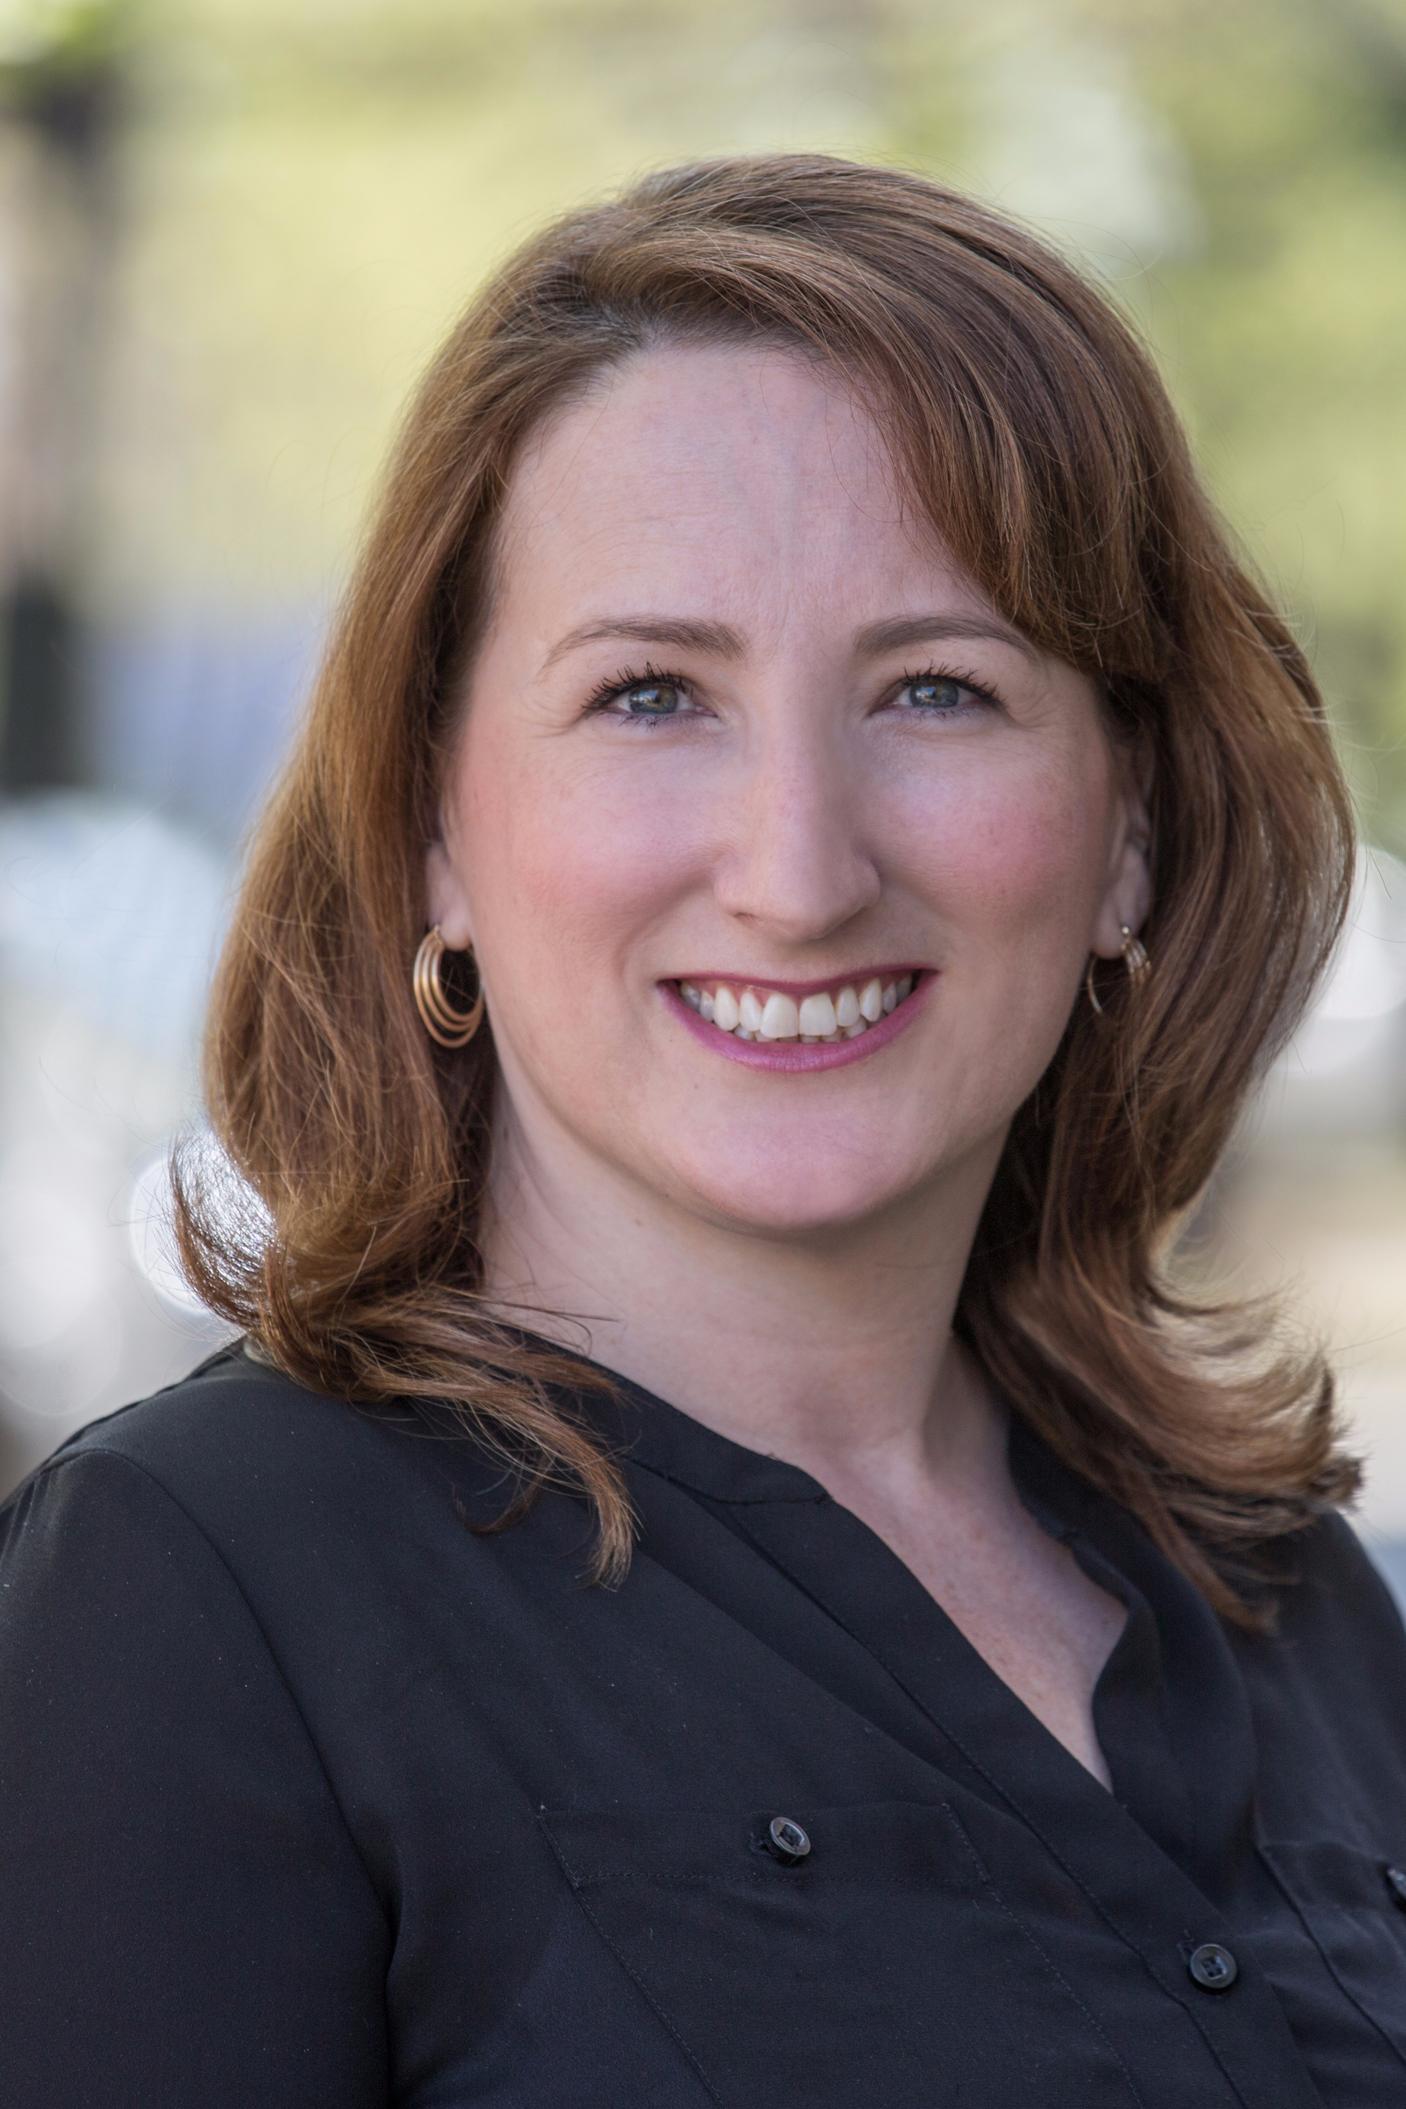 Victoria Baker Real Estate Agent Reston Va Coldwell